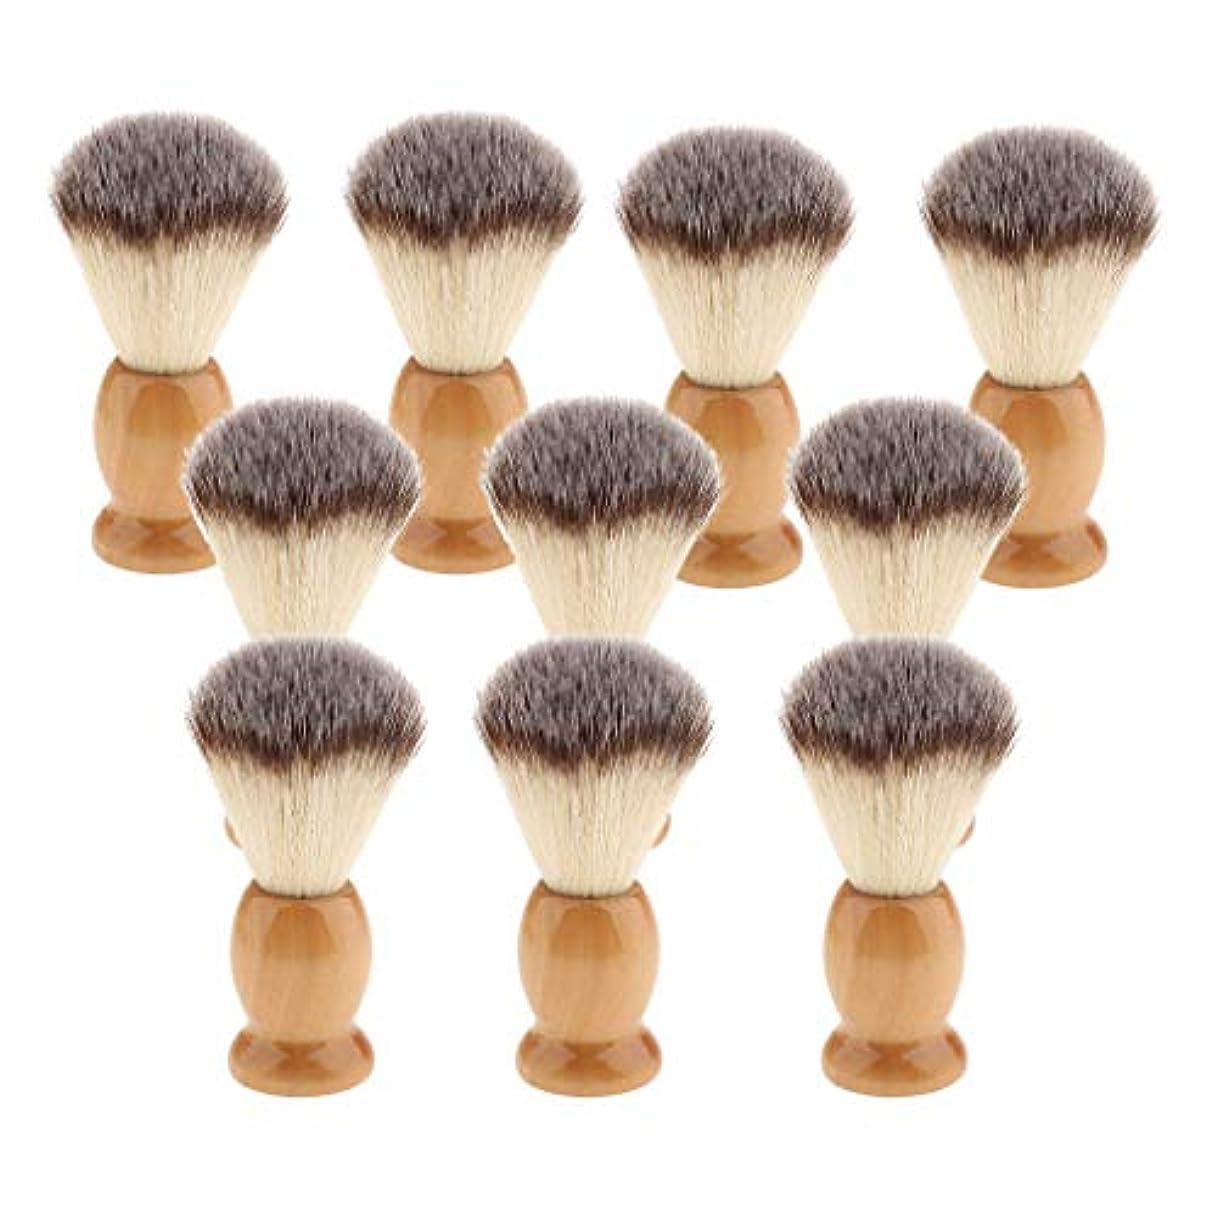 メンバーカウンタ祝福Hellery 10個 シェービングブラシ 男性 ひげ 口ひげ グルーミング シェービングツール 髭剃り